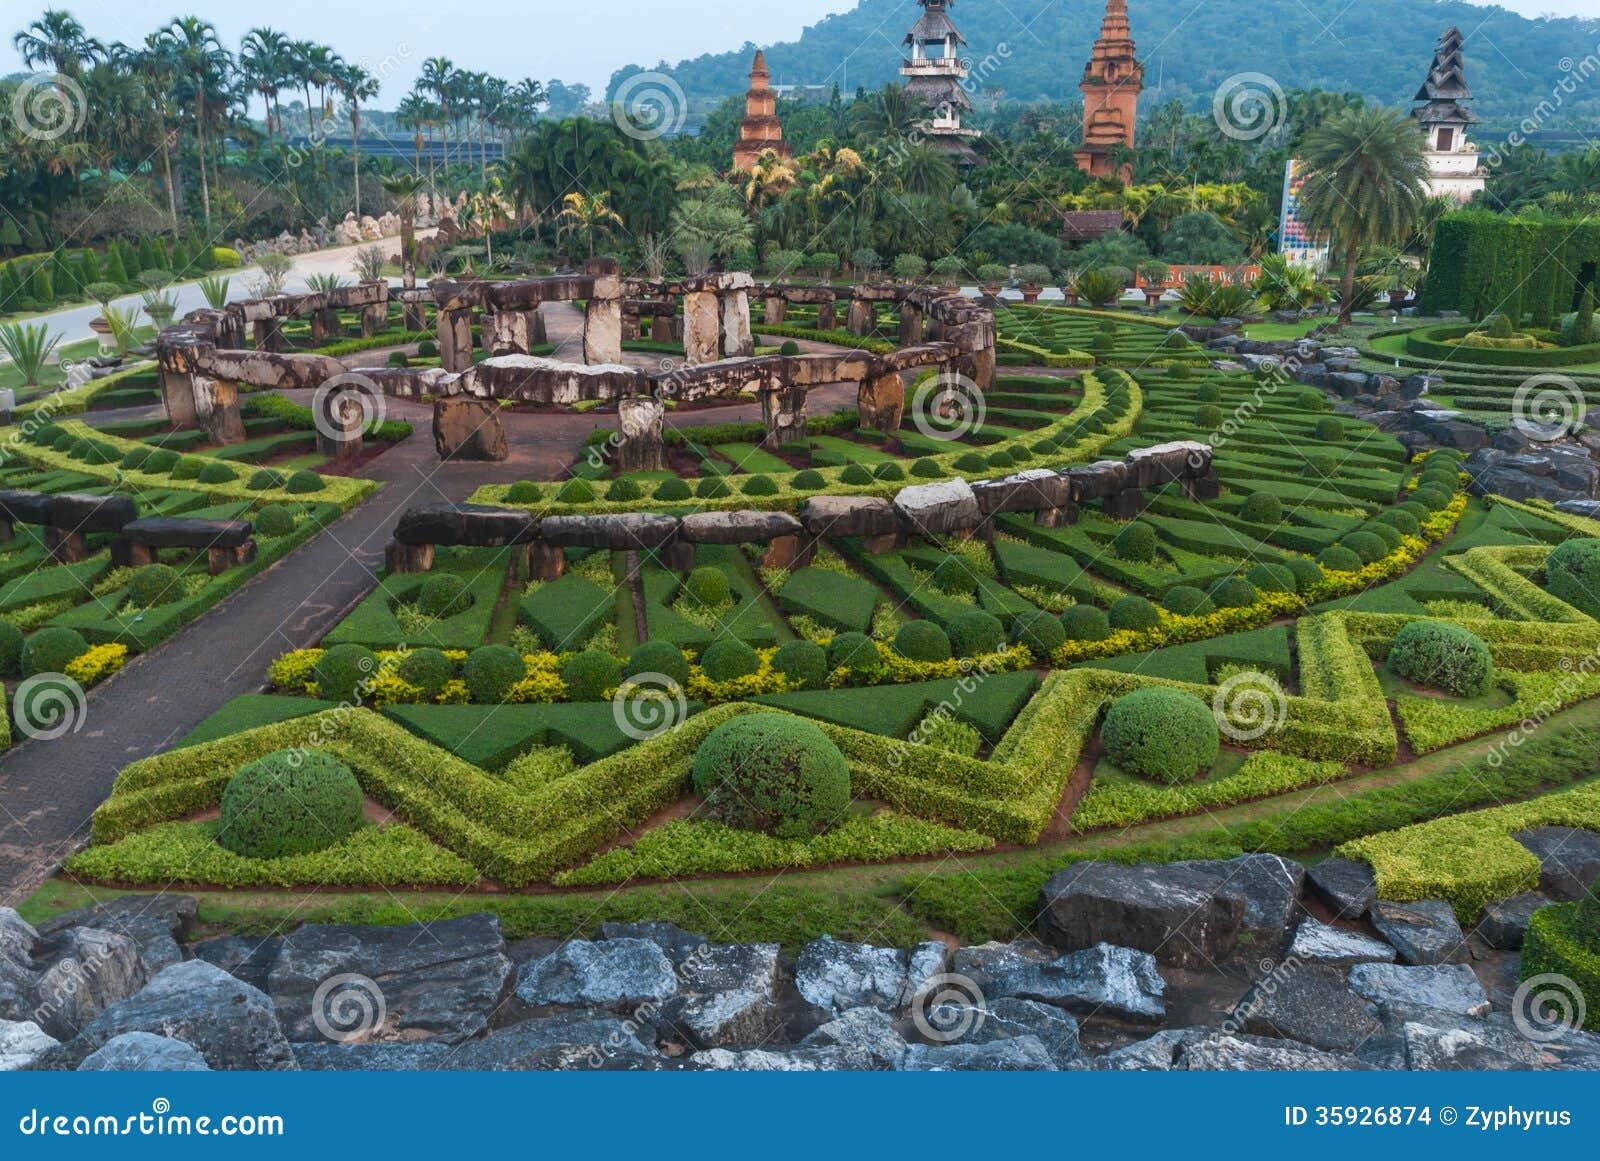 Nong Nooch Garden at Pattaya in Thailand.